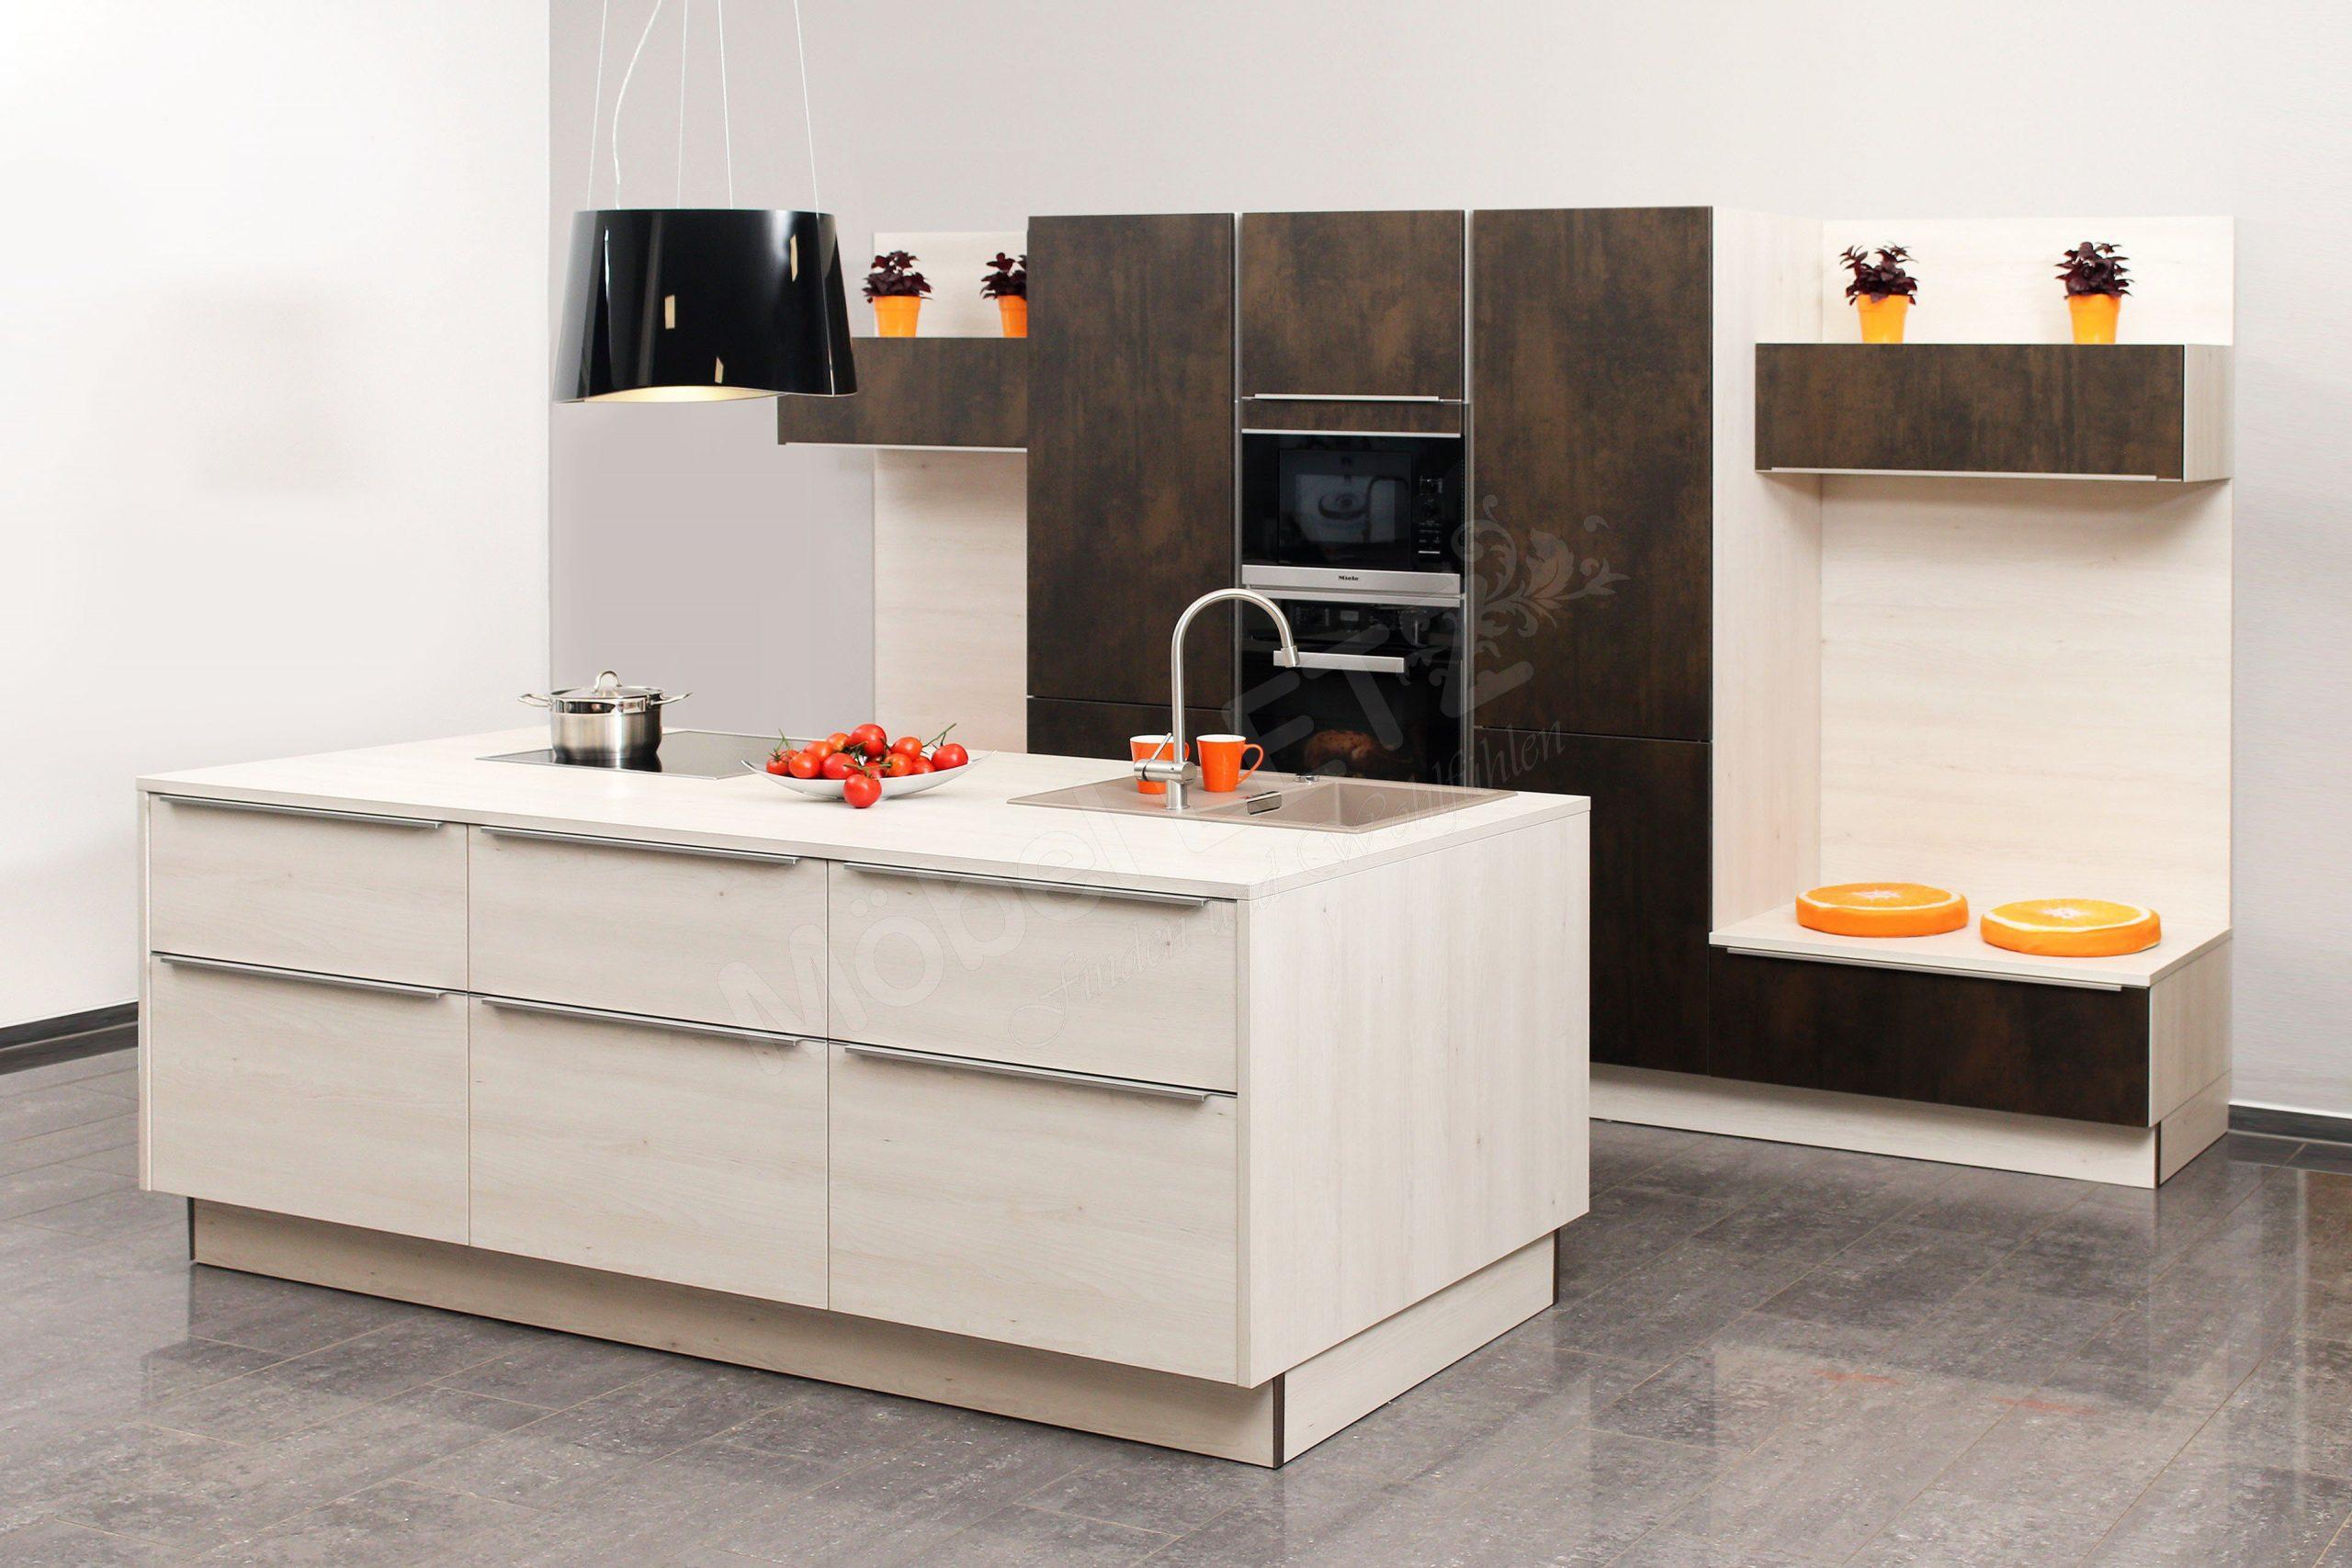 Full Size of Küche Nolte Gebraucht Zubehör Küche Nolte Küche Nolte Portland Küche Nolte Trend Lack Küche Küche Nolte